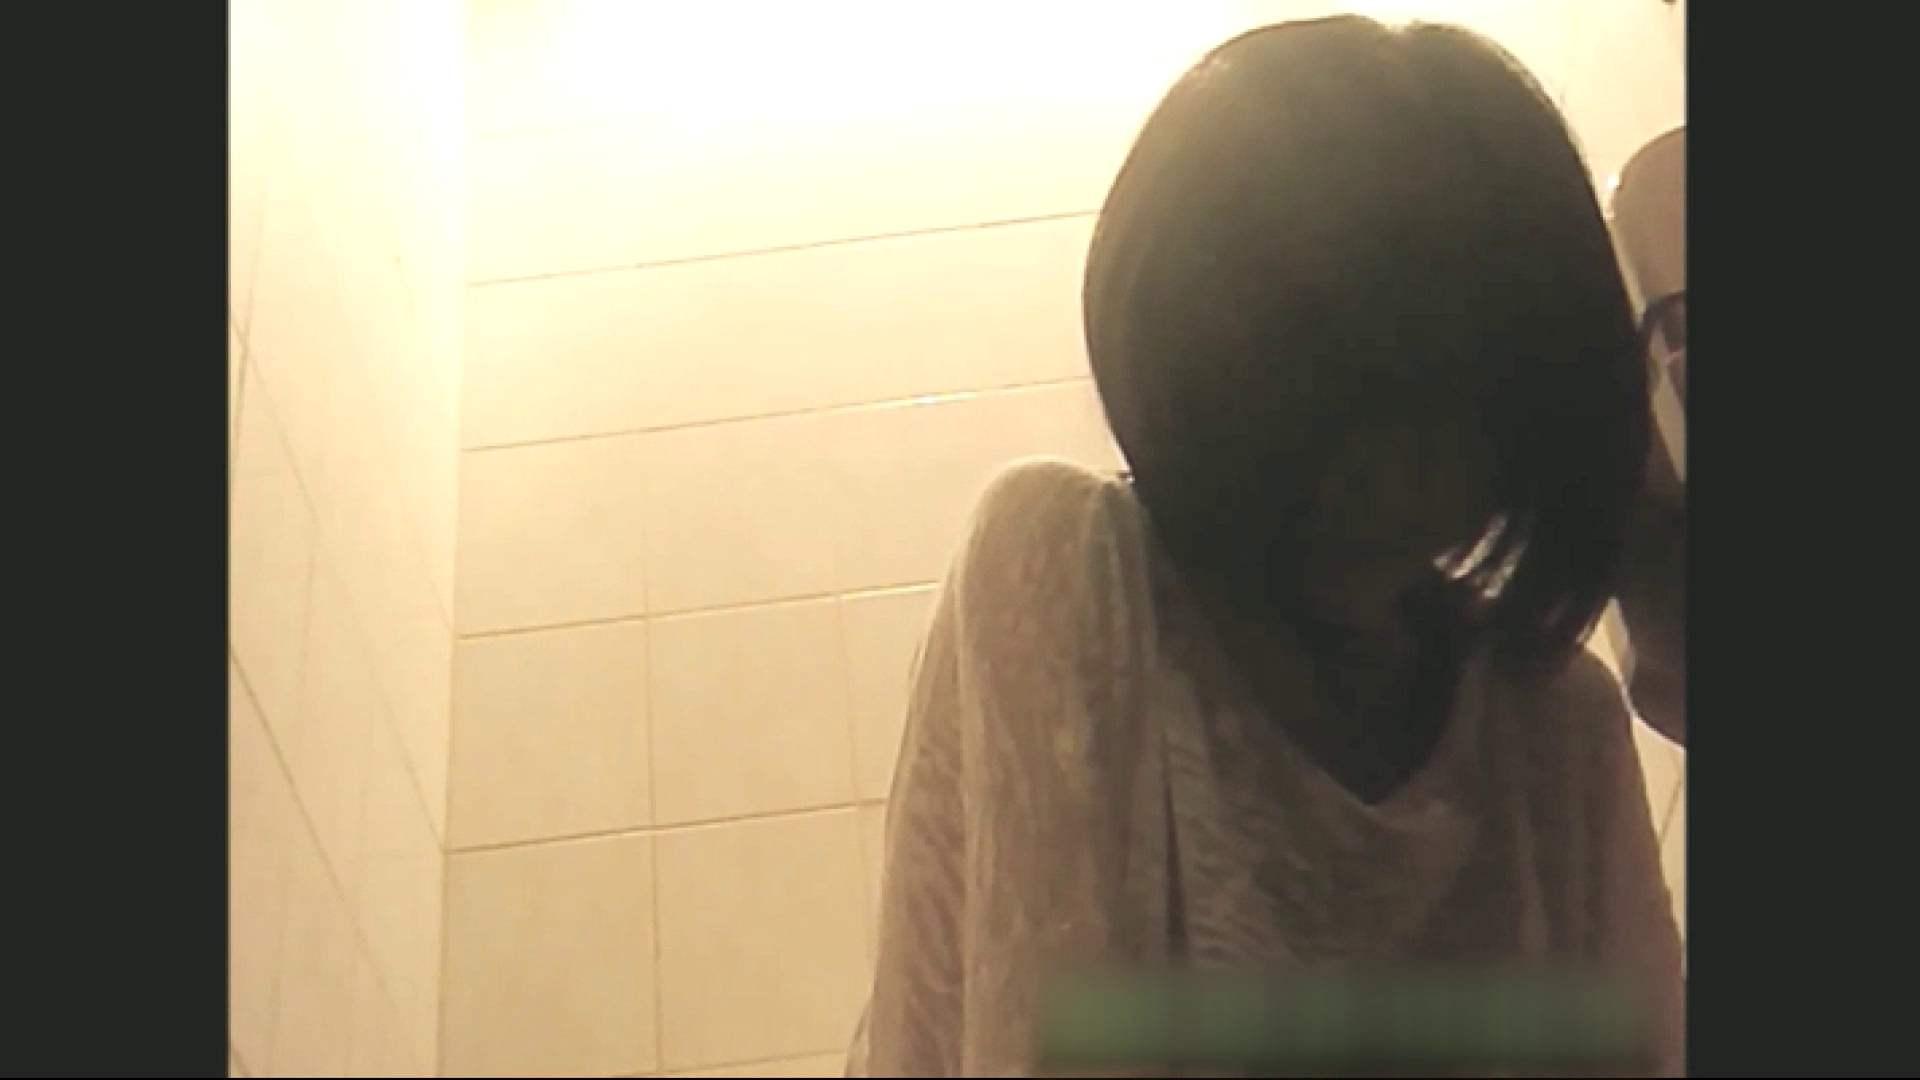 ティーンガールのトイレ覗き‼vol.02 お姉さんのエロ動画 AV無料動画キャプチャ 92PIX 58